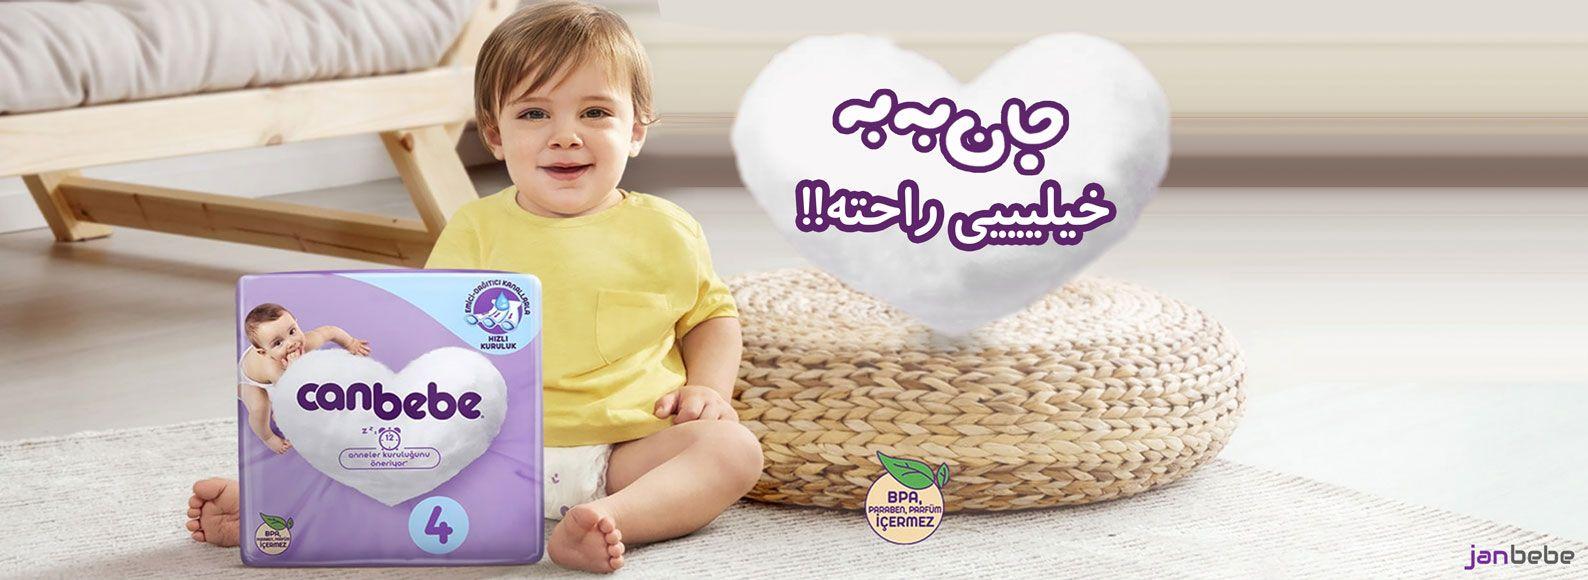 راهنمای کامل پوشک بچه + خرید از معتبرترین فروشگاه اینترنتی